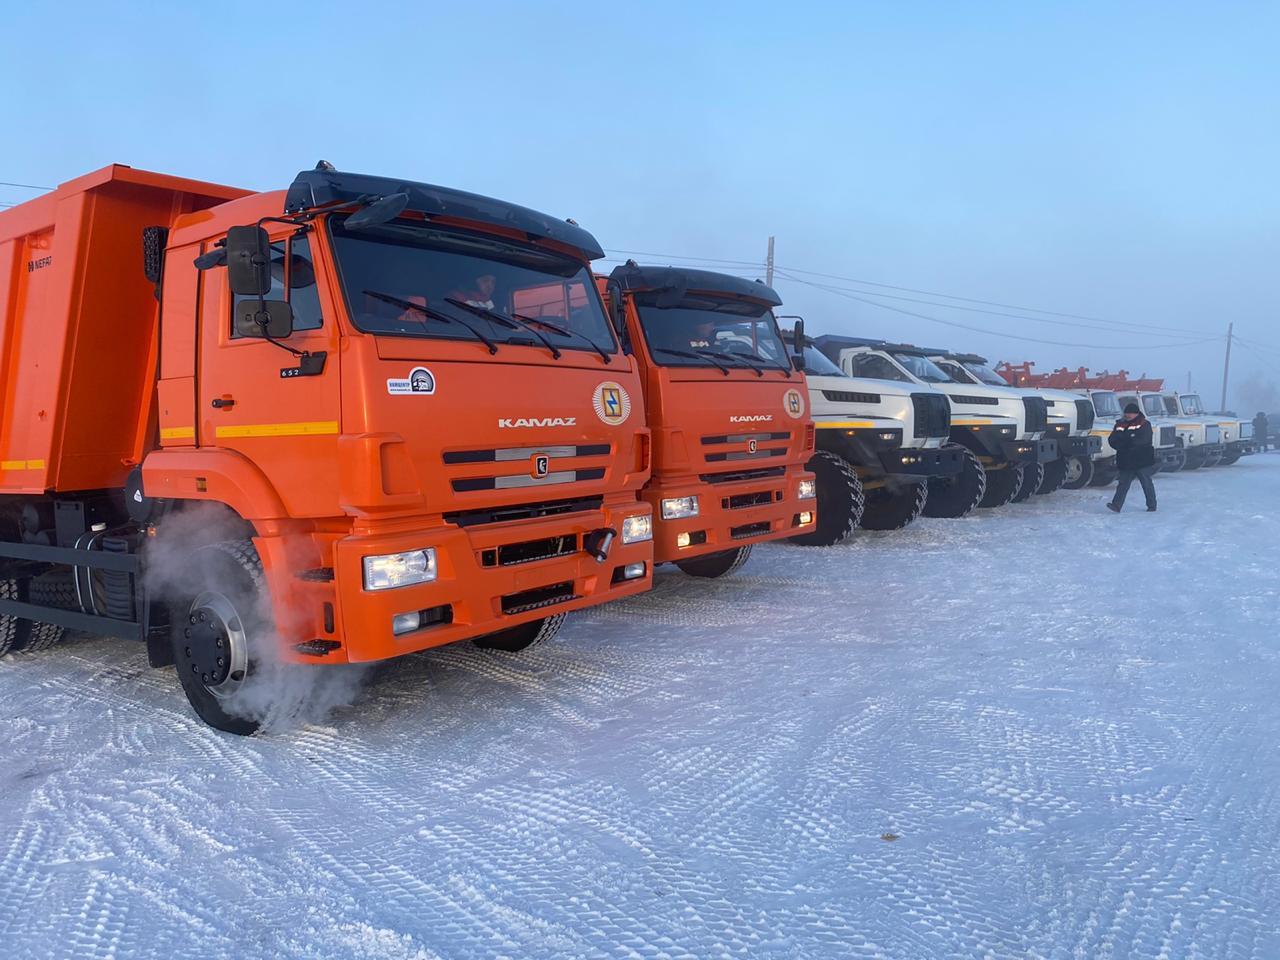 Арктические районы Якутии обеспечат спецтехникой для обращения с ТКО